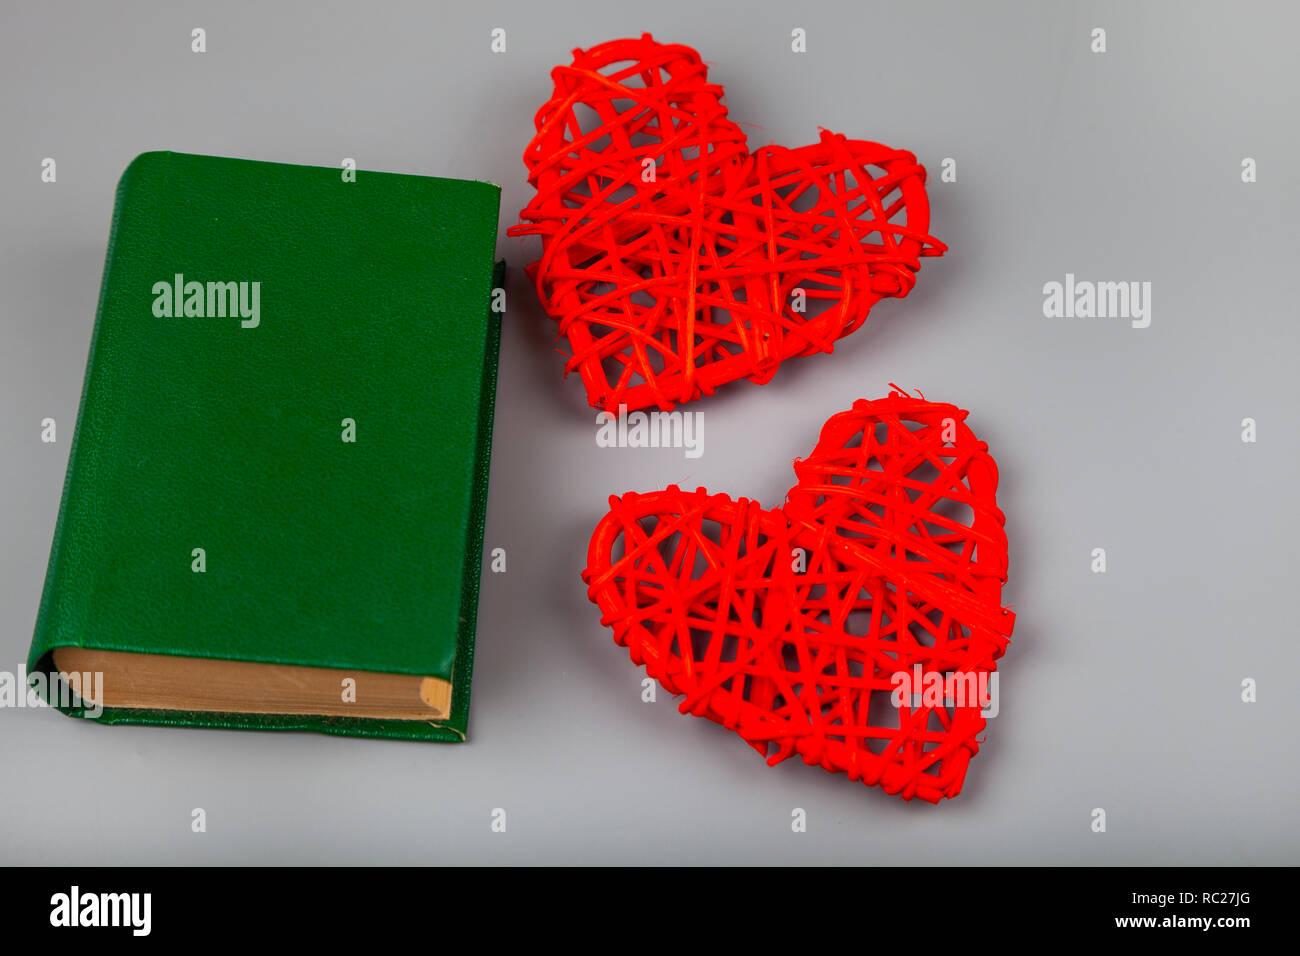 Buchen Sie Mit Romantischen Gedichte Und Zwei Herzen